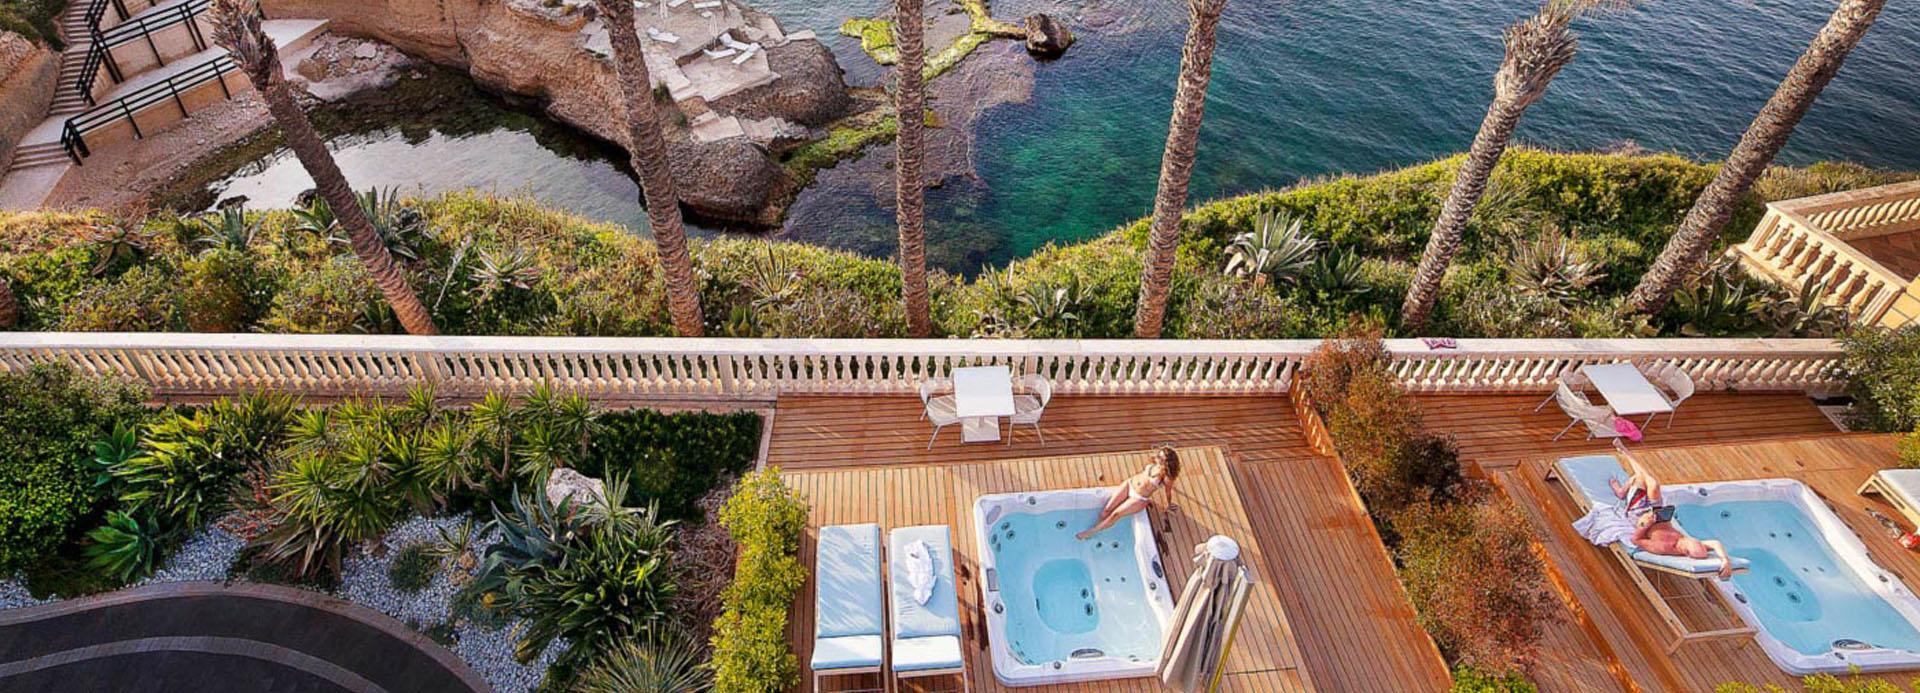 H tel sicile les meilleurs h tels de luxe en sicile for Design hotel sicilia